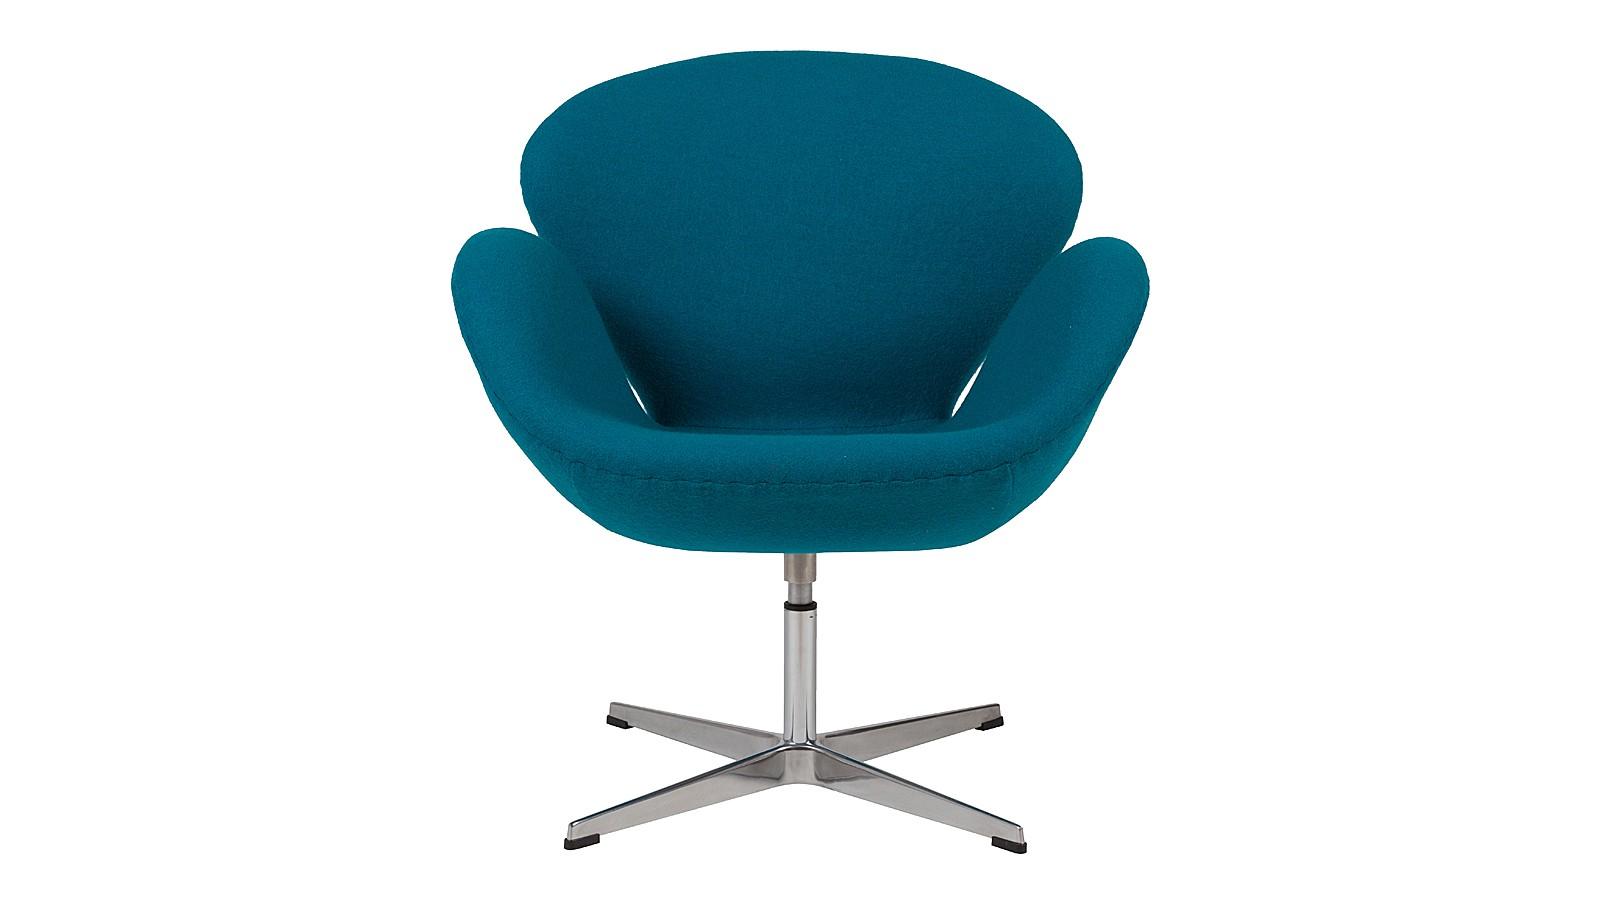 Кресло Swan ChairИнтерьерные кресла<br>&amp;lt;span style=&amp;quot;line-height: 24.9999px;&amp;quot;&amp;gt;Знаменитое кресло от знаменитого дизайнера Арне Якобсена получило мировое признание, превратившись в икону стиля. Датчанин в этой своей работе стремился следовать принципам создания скульптуры, многократно перекраивая размеры и формы предмета. Бренд DG Home добавил легенде больше домашнего уюта, облачив образ в&amp;amp;nbsp;&amp;lt;/span&amp;gt;&amp;lt;span style=&amp;quot;line-height: 24.9999px;&amp;quot;&amp;gt;обивку из голубой шерсти.&amp;lt;/span&amp;gt;<br><br>Material: Шерсть<br>Width см: 70<br>Depth см: 71<br>Height см: 78